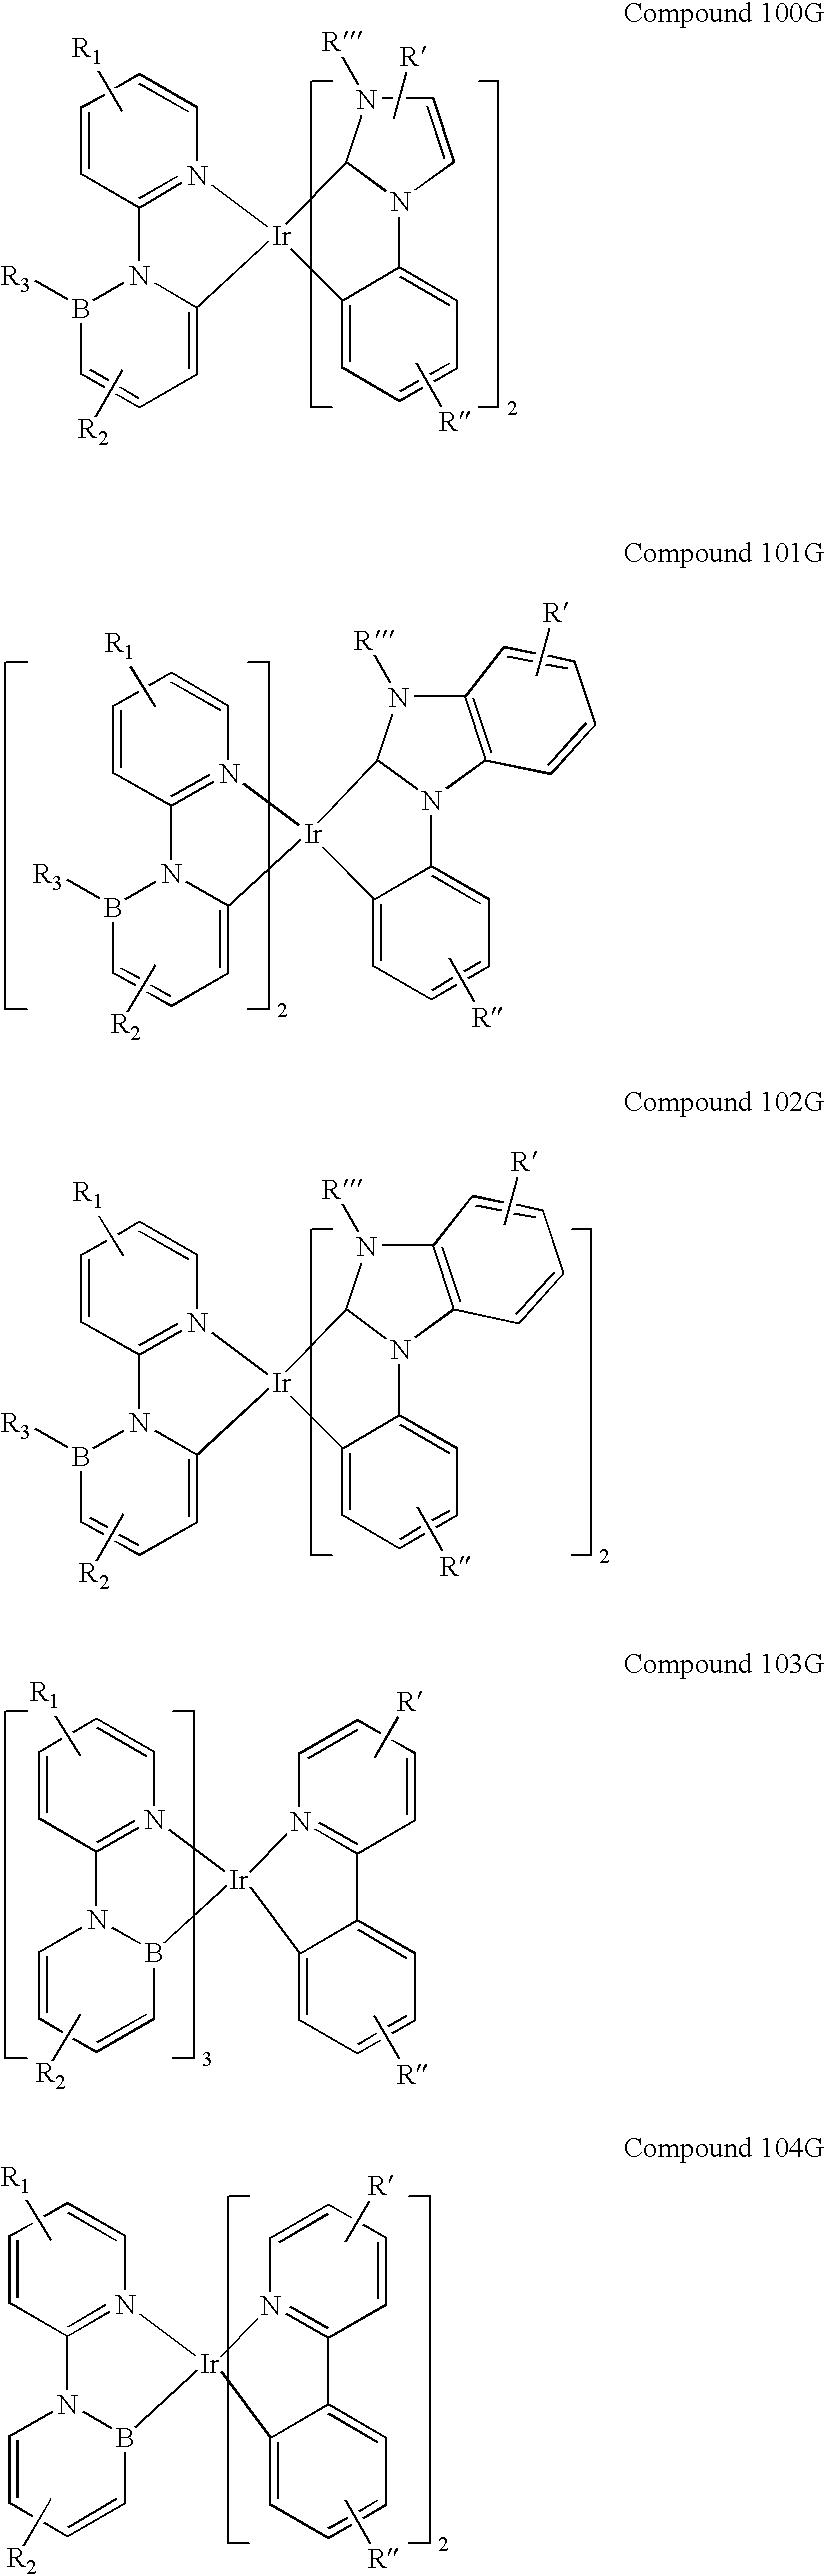 Figure US08586203-20131119-C00054